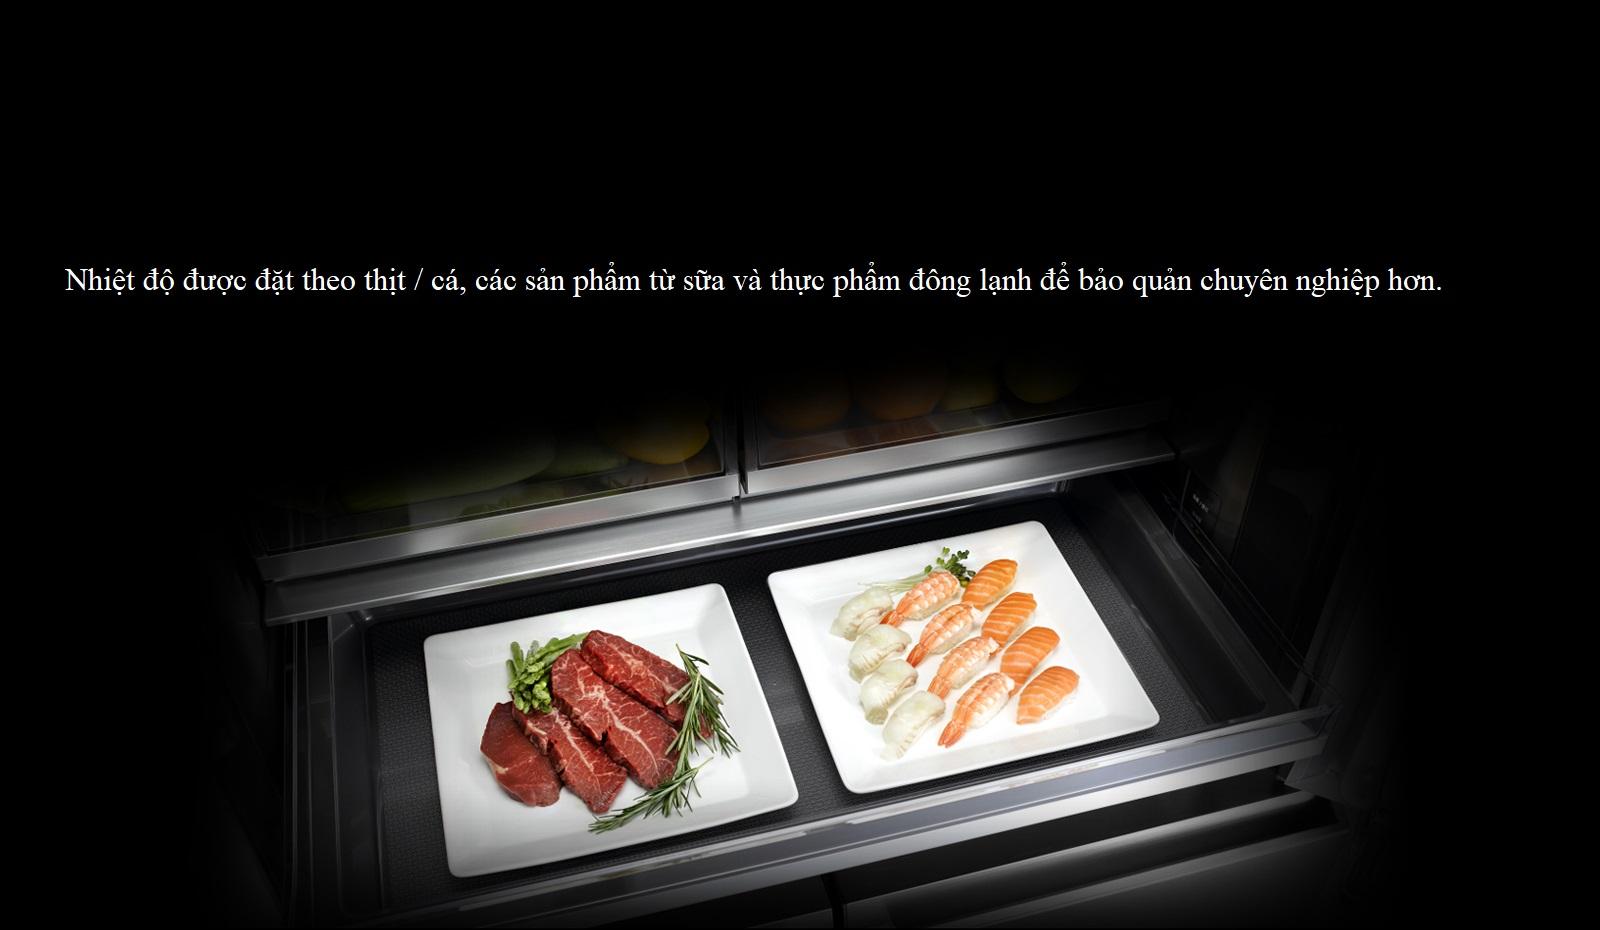 Nhiệt độ có thể được đặt theo thịt / cá, các sản phẩm từ sữa và thực phẩm đông lạnh để bảo quản chuyên nghiệp hơn.